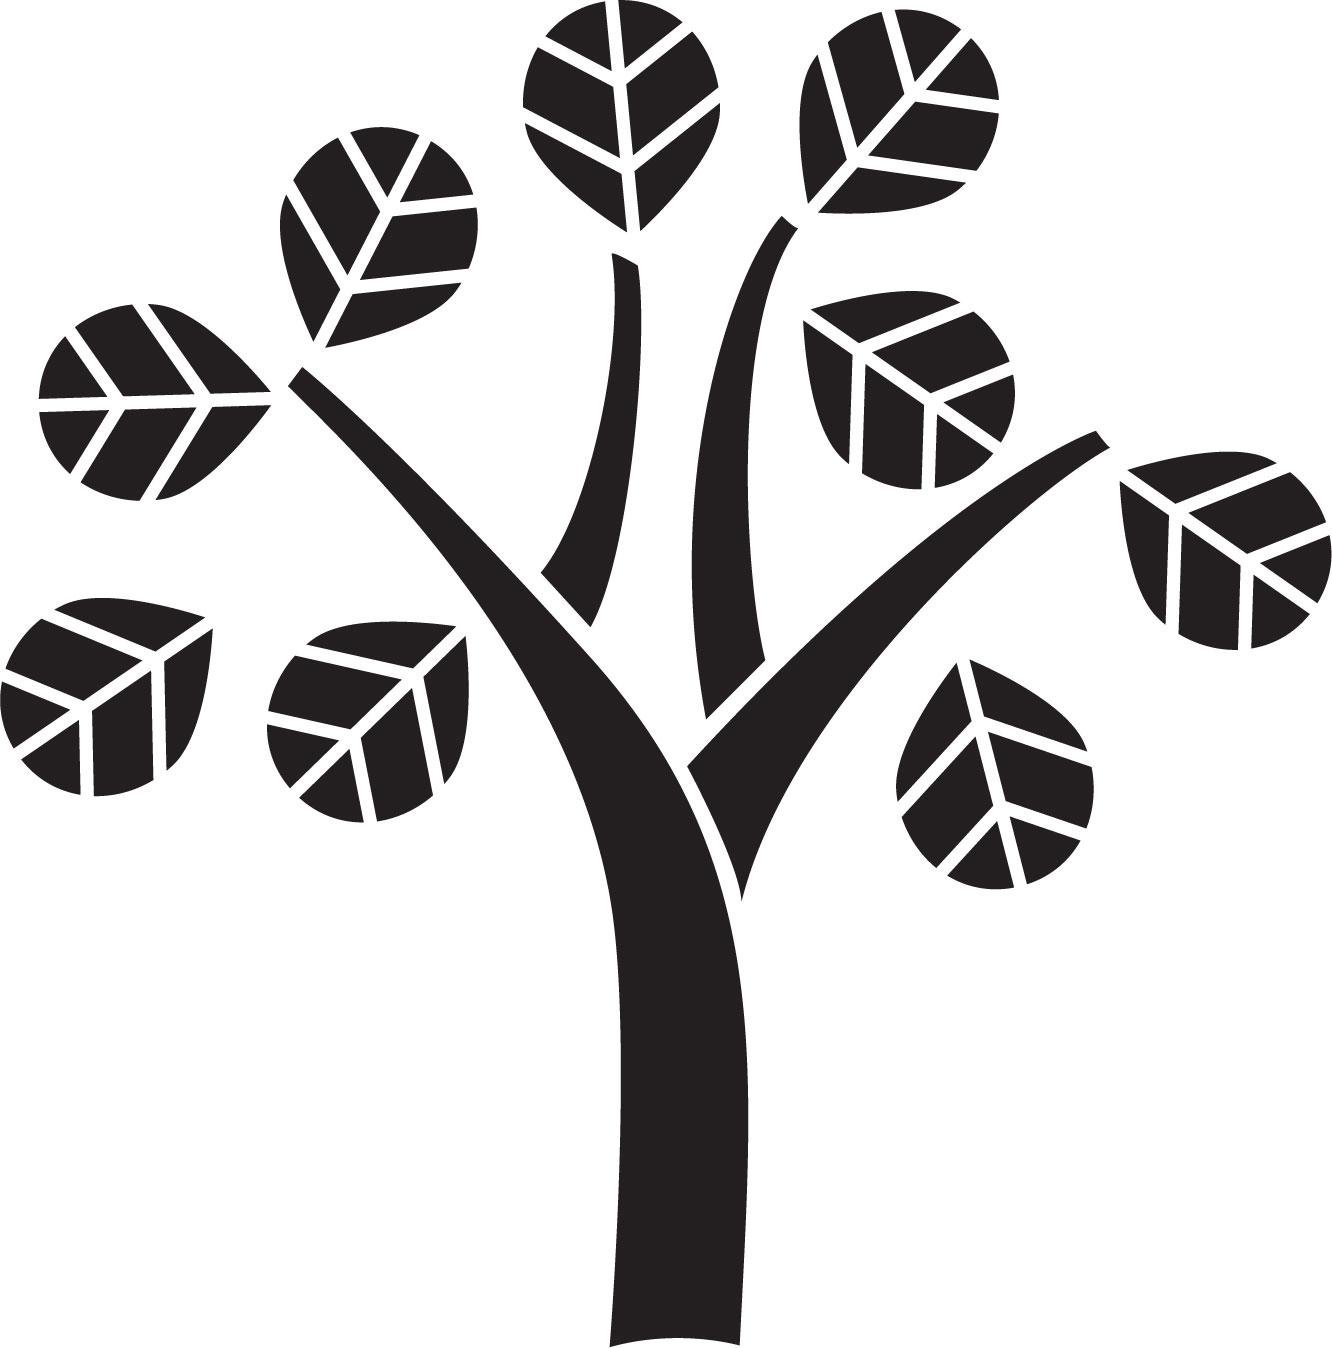 葉っぱや草木のイラスト画像フリー素材白黒no418白黒木枝葉